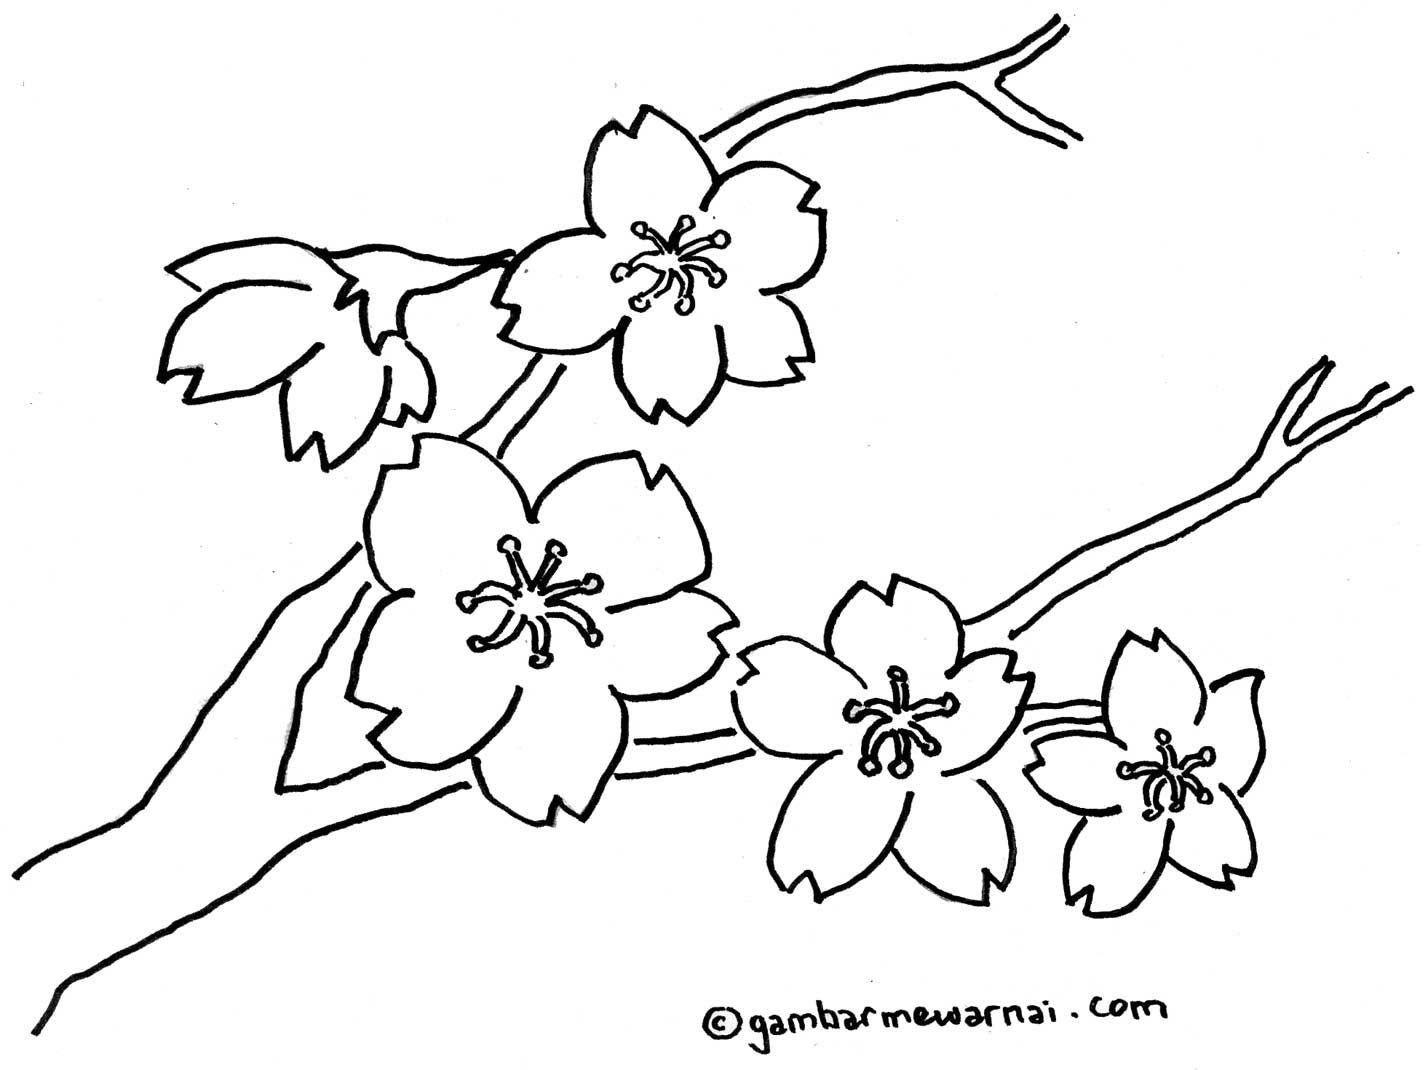 Contoh Gambar Bunga Yang Gampang Di 2020 Lukisan Bunga Bunga Sakura Sketsa